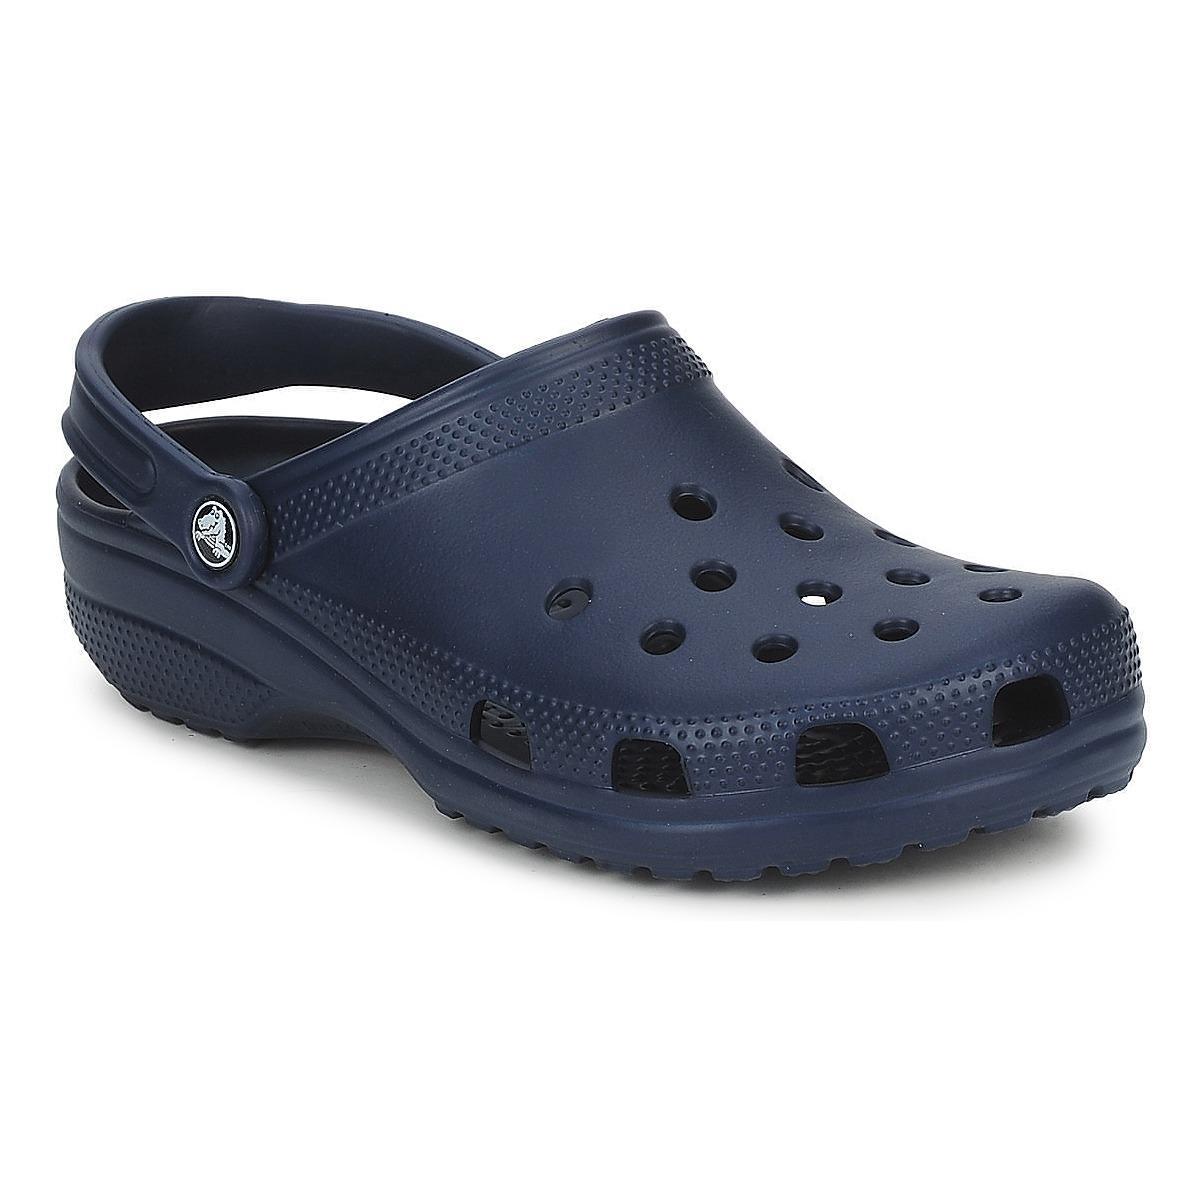 Crocs CLASSIC Marine - Kostenloser Versand bei Spartoode ! - Schuhe Pantoletten / Clogs  28,00 €